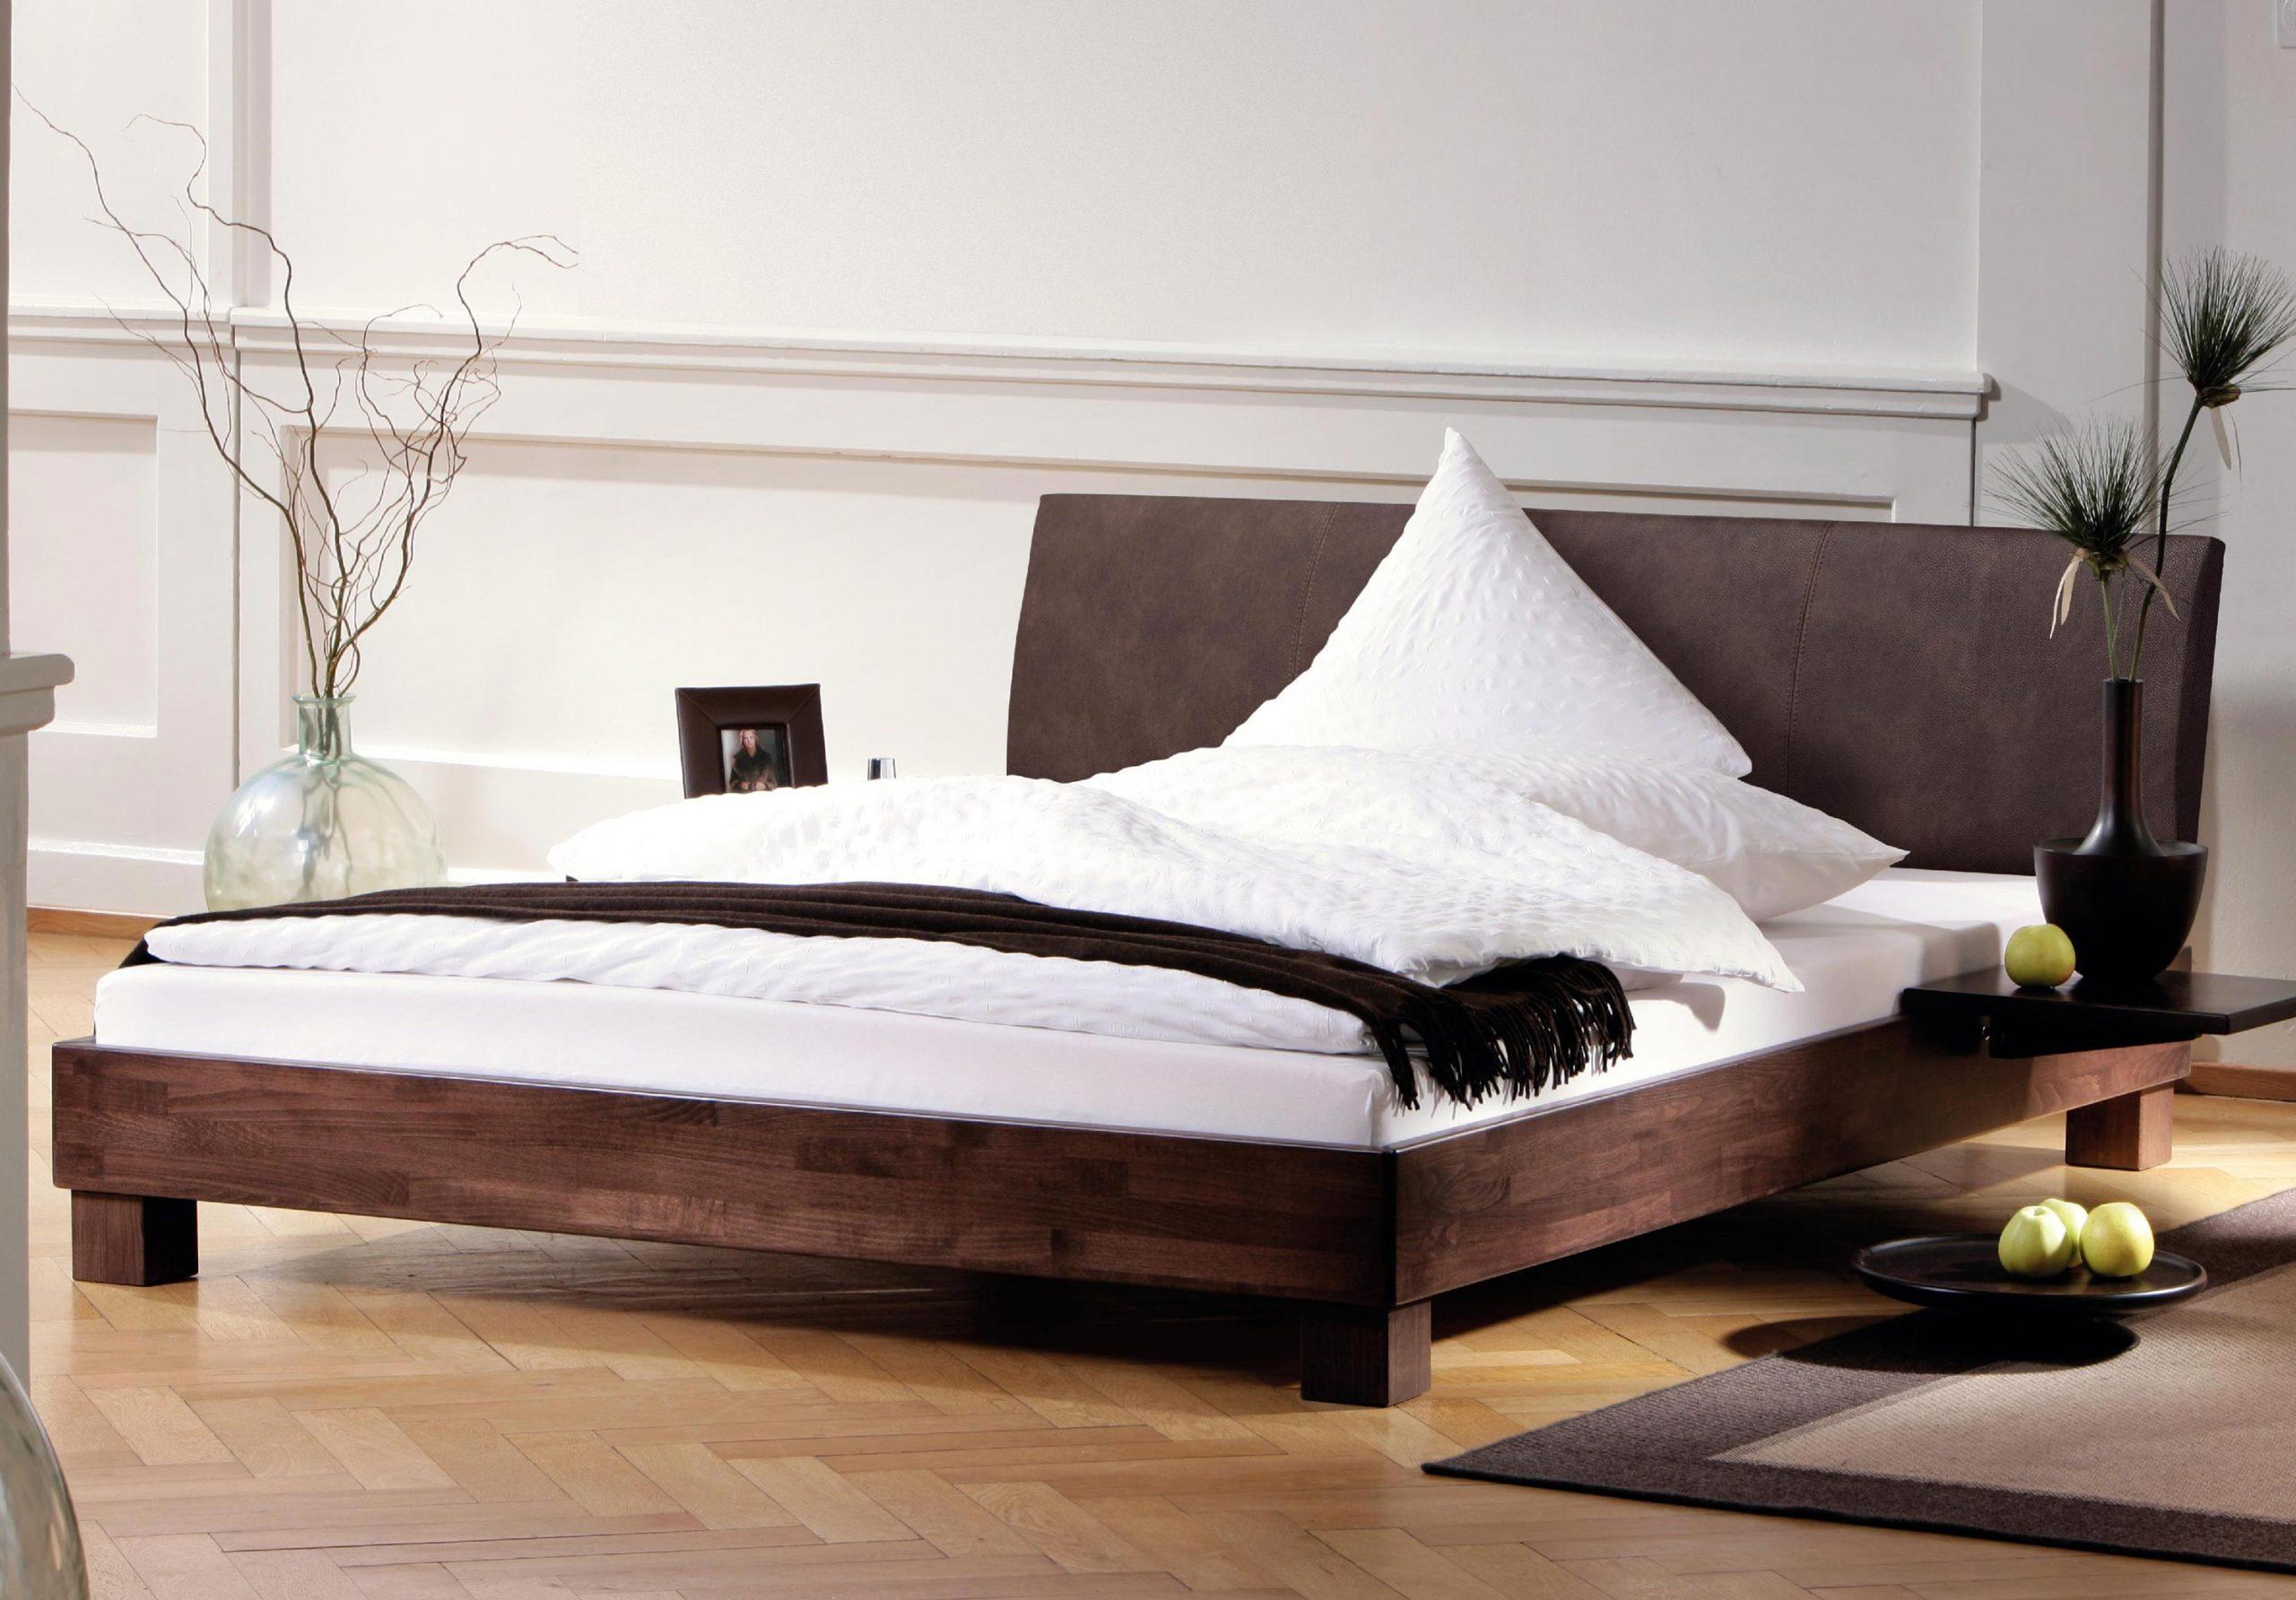 Full Size of Bett Rosso Ausklappbares Ruf Betten Fabrikverkauf 160 Amazon 180x200 Amerikanisches 140x220 Weißes Breckle Sofa Mit Bettfunktion Kopfteil 140x200 Stauraum Bett Bett 120x190